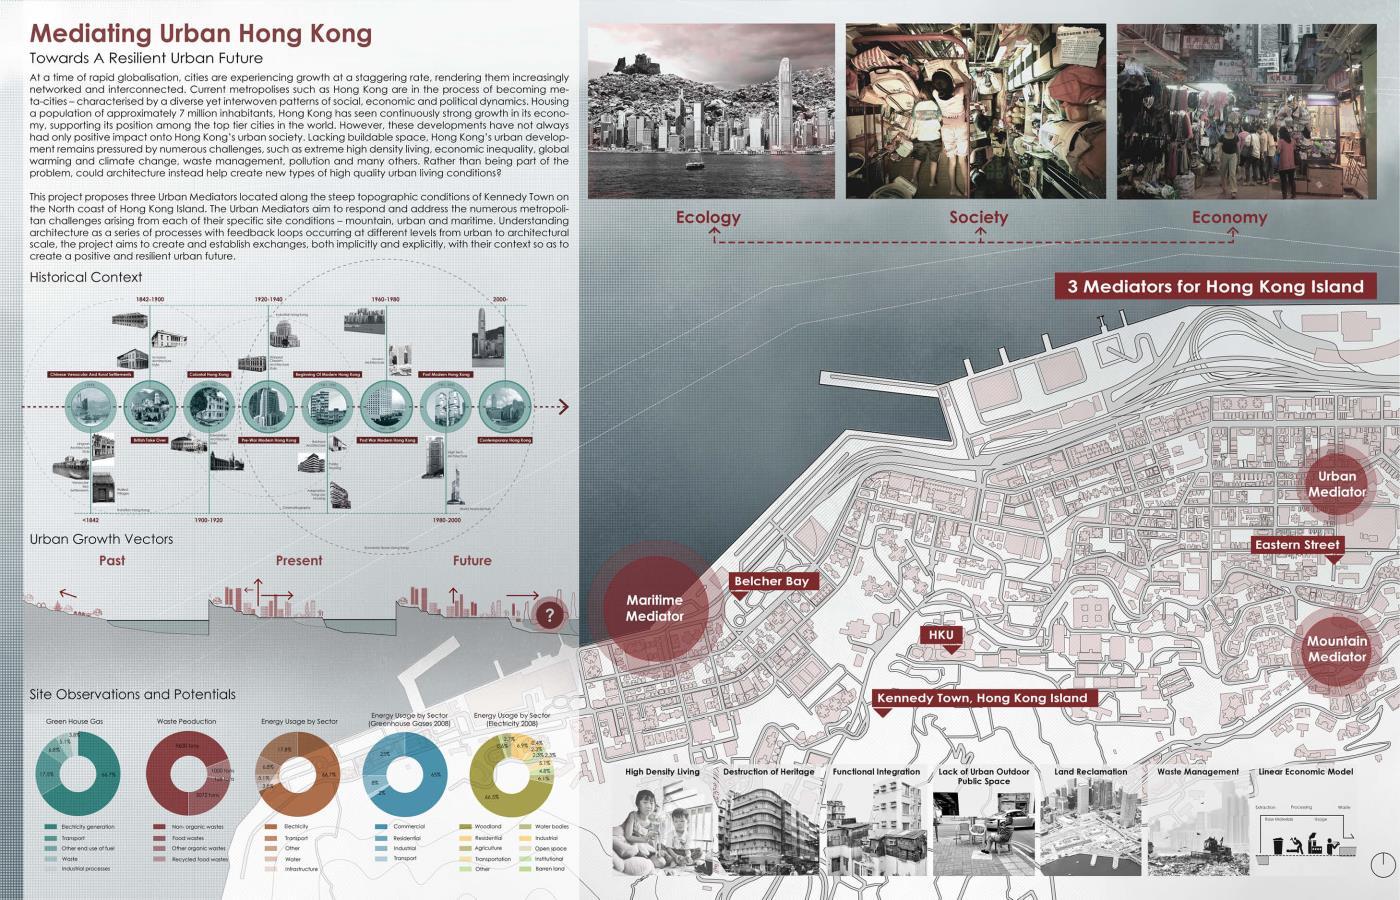 Mediating Urban Hong Kong